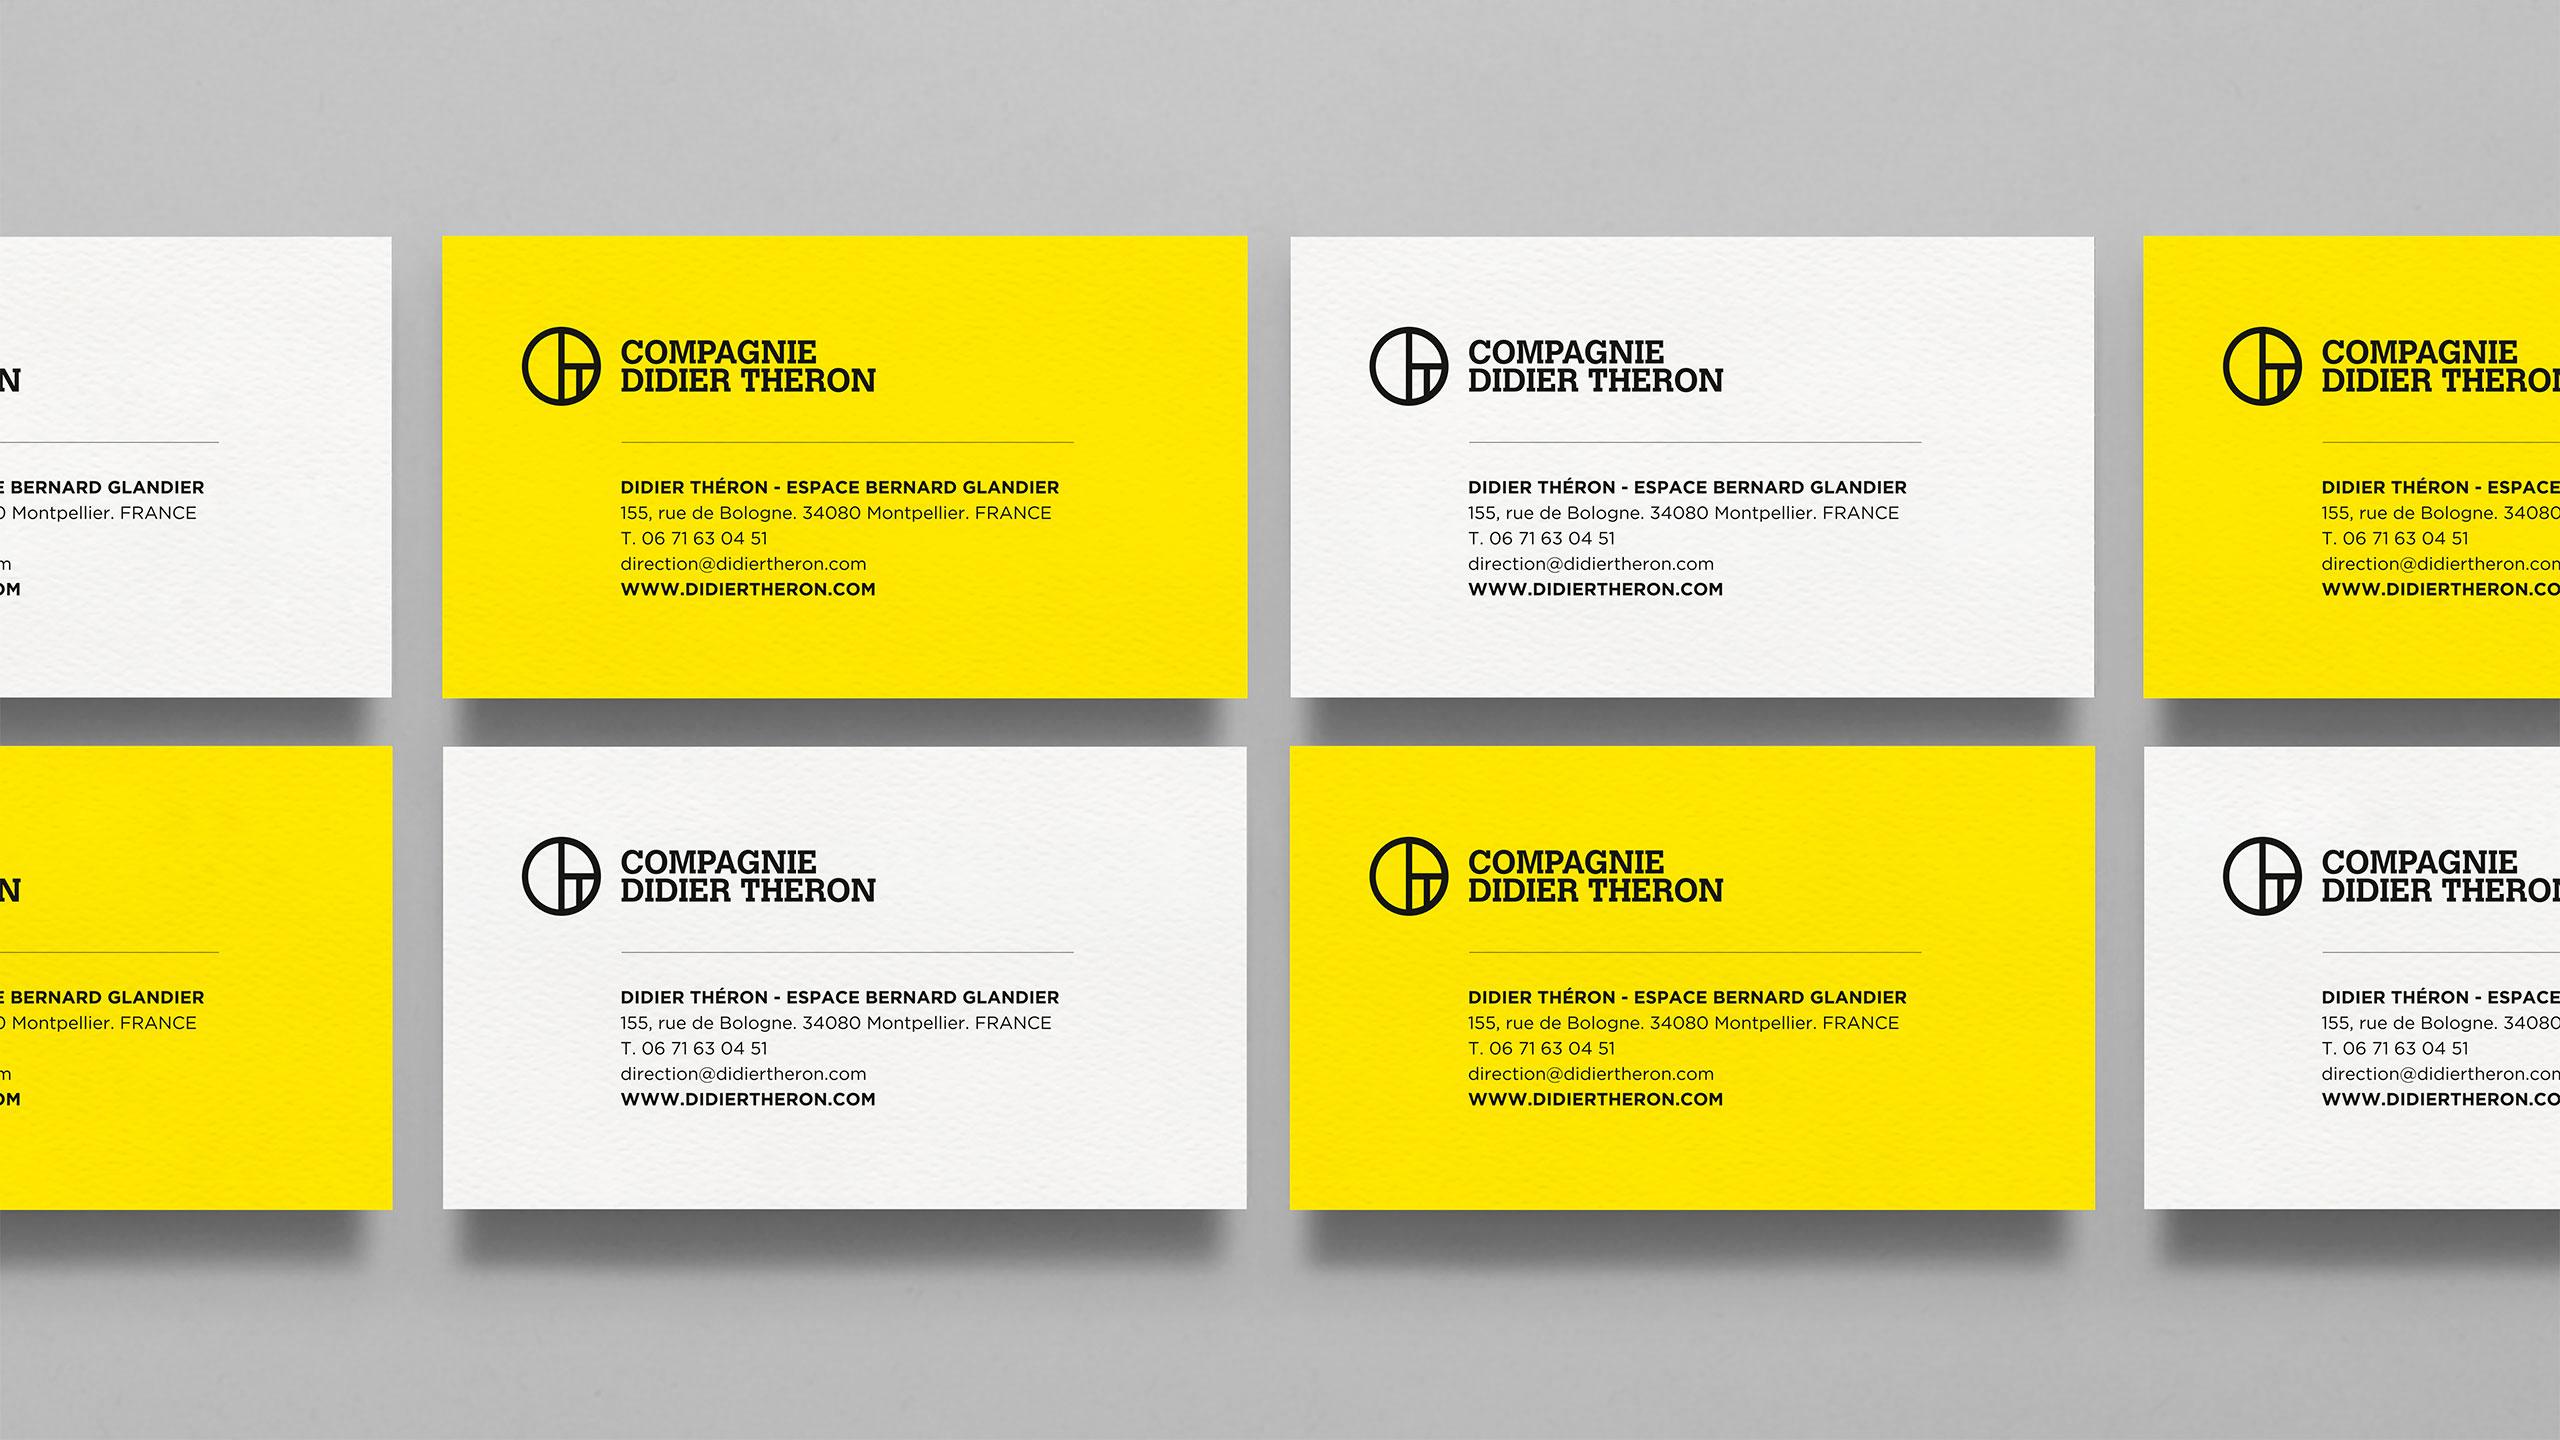 didier-theron-cartes-de-viste-verso-1600x900-benadesign